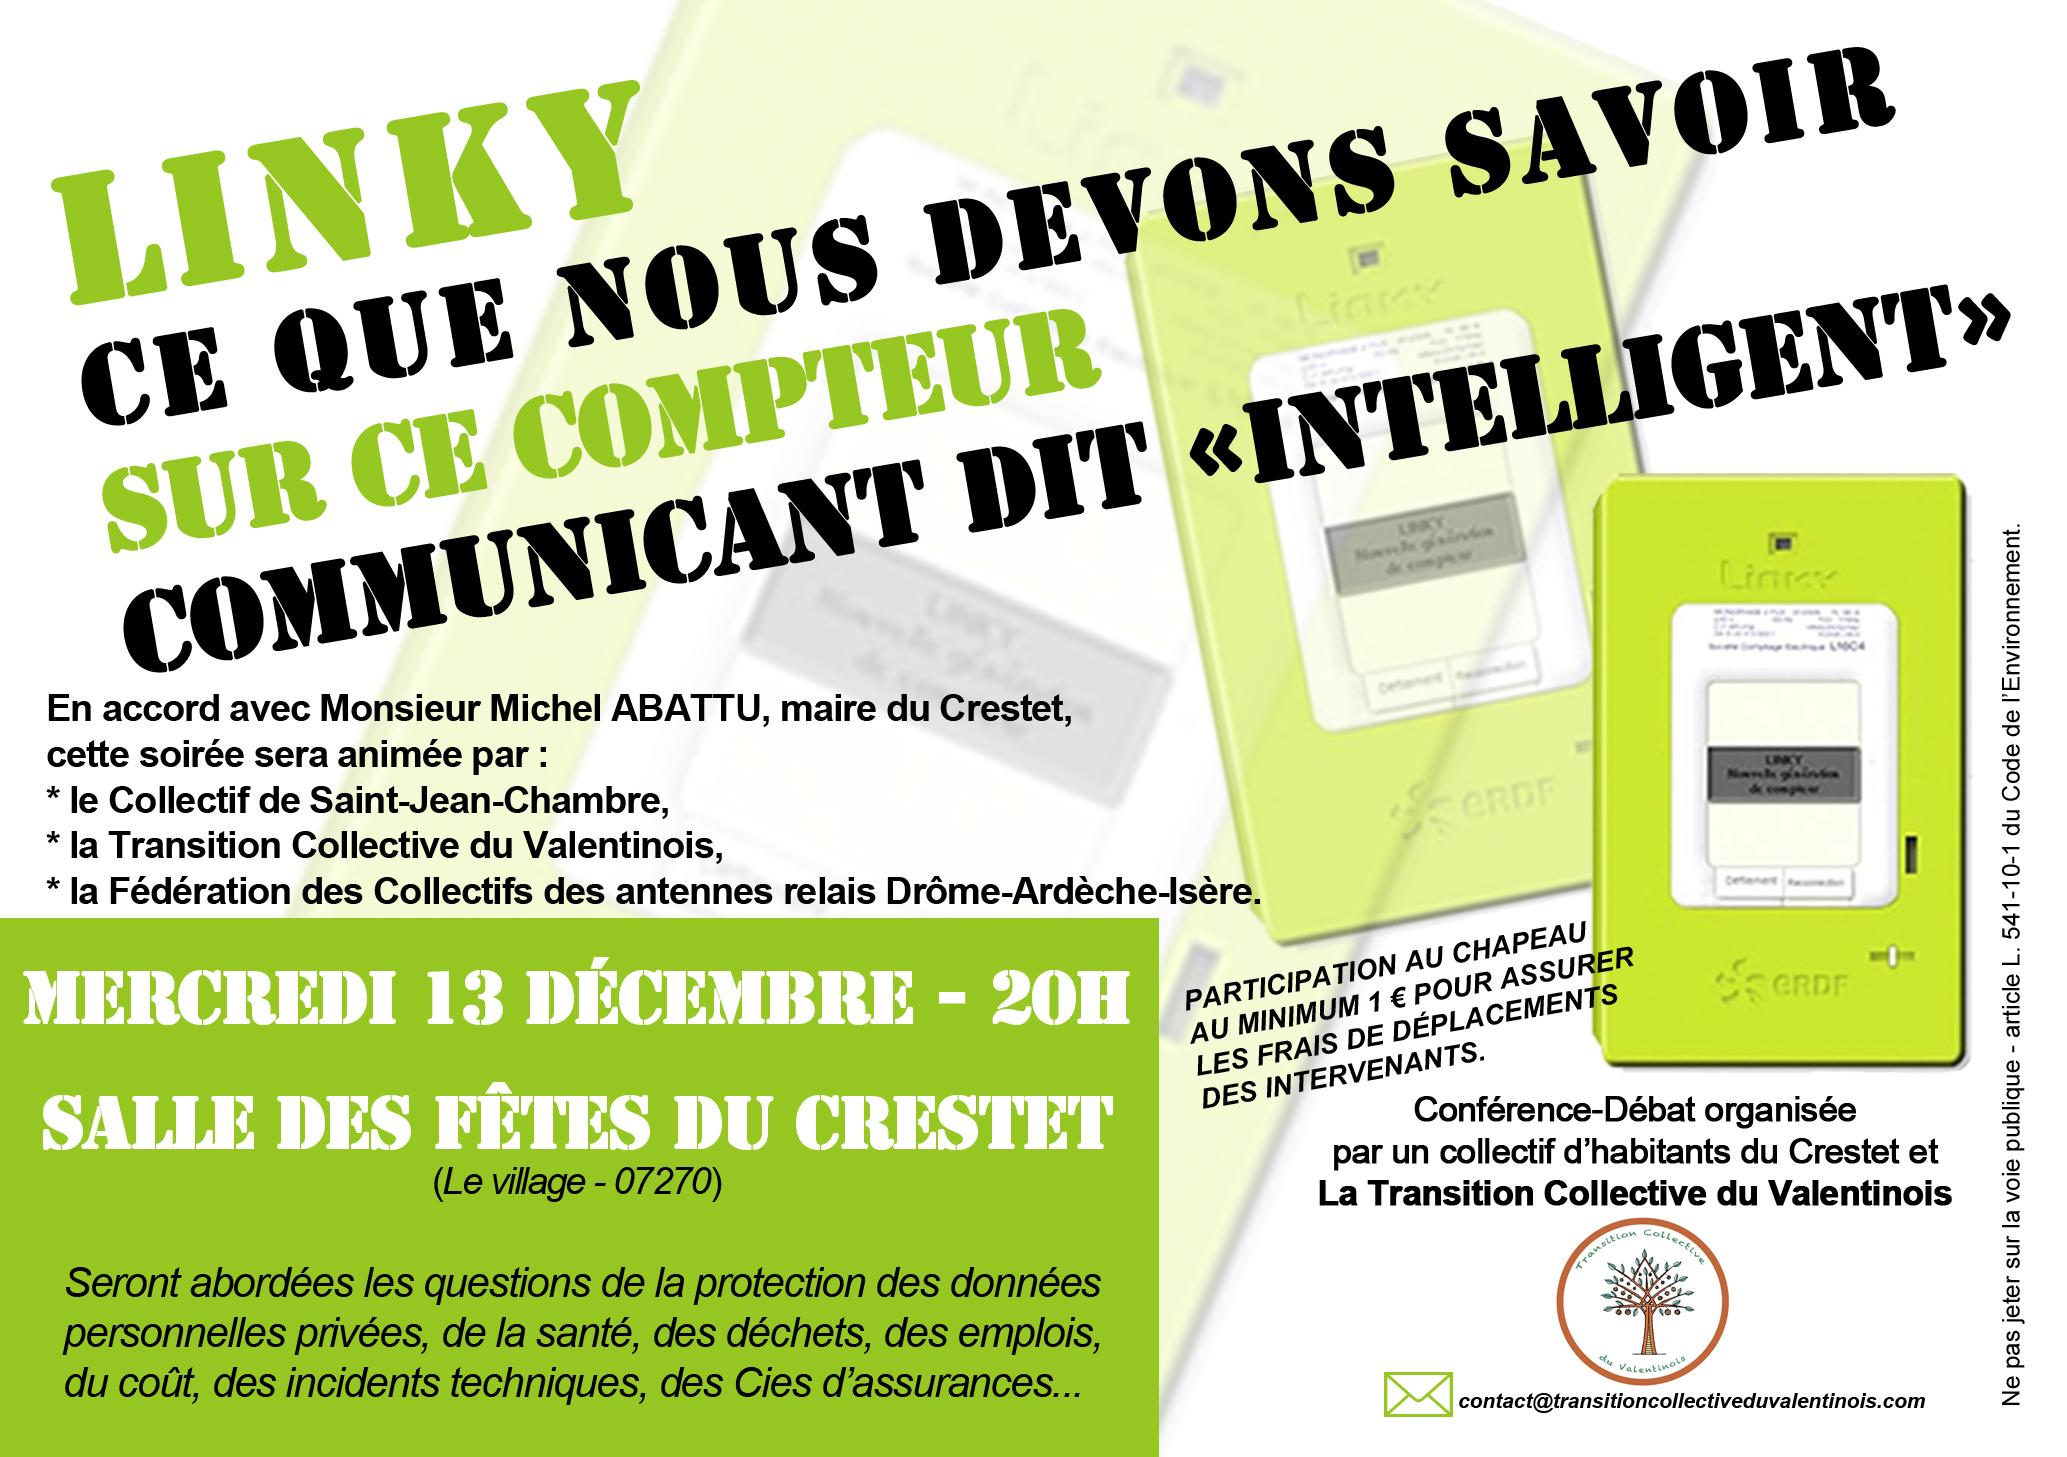 Affichette A5 réunion Linky 13-12-2017